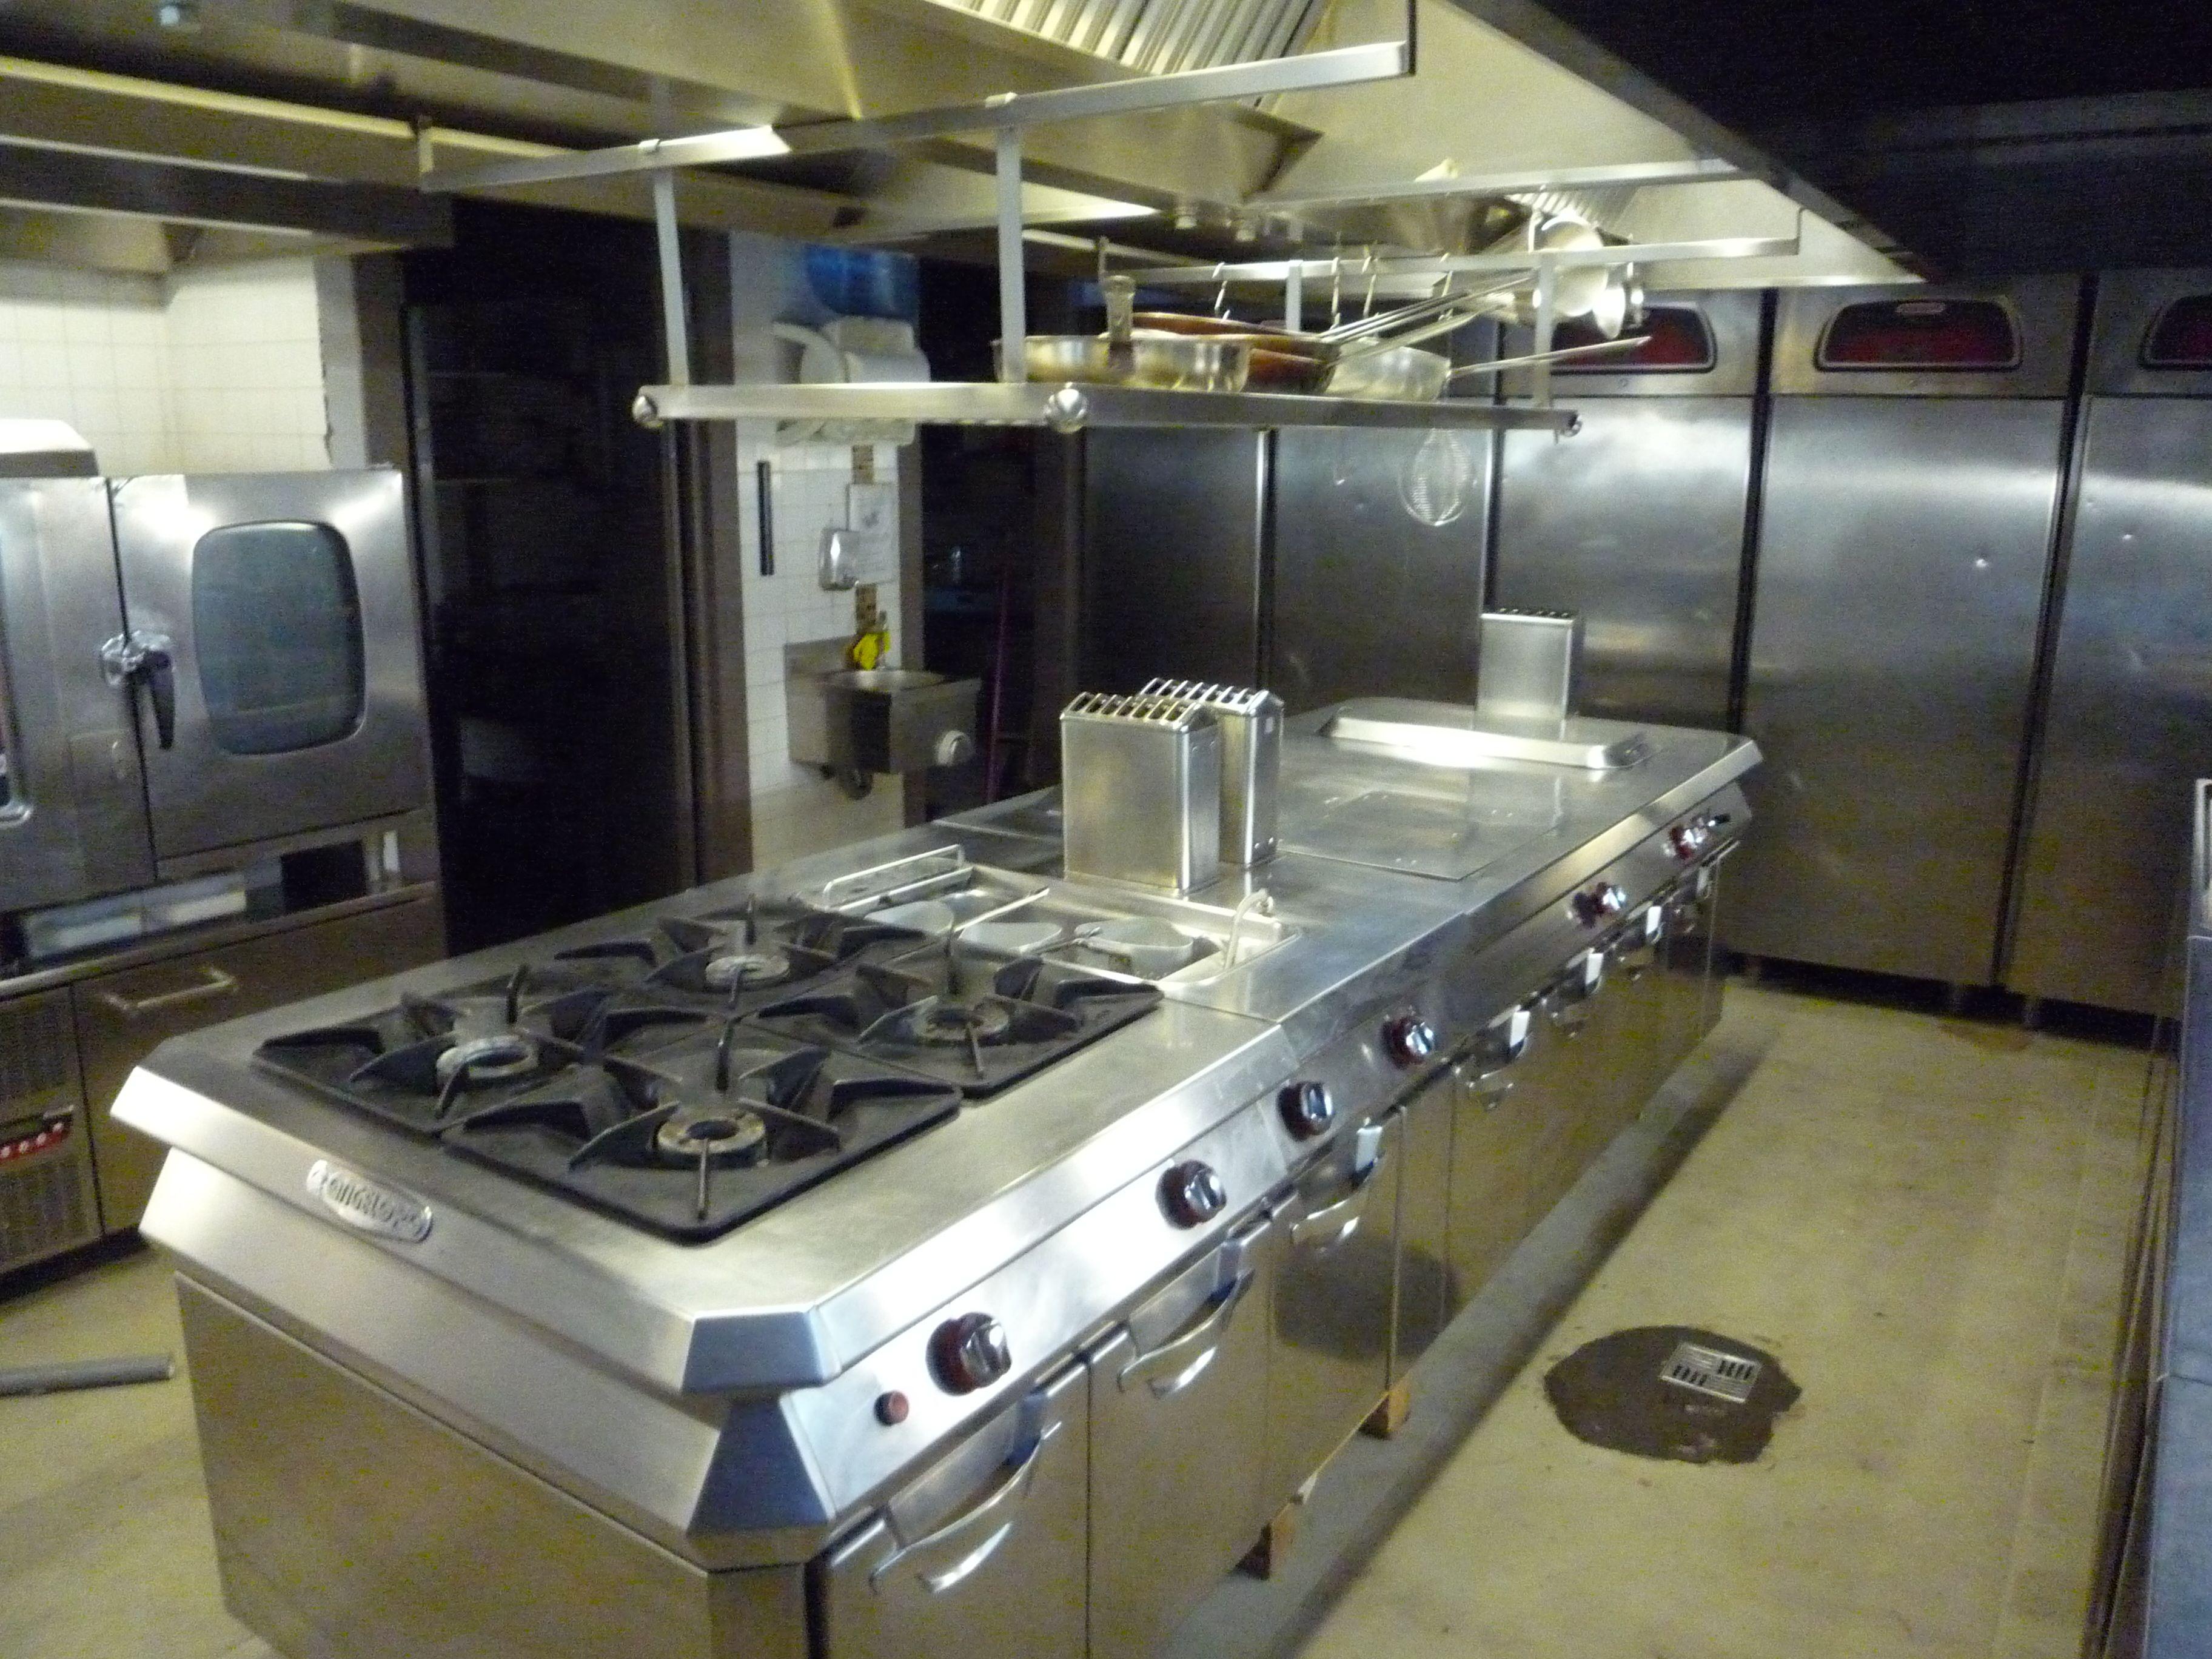 Cucine A Gas Per Ristoranti Usate.Pin Su N U O V O M A U S A T O Shop